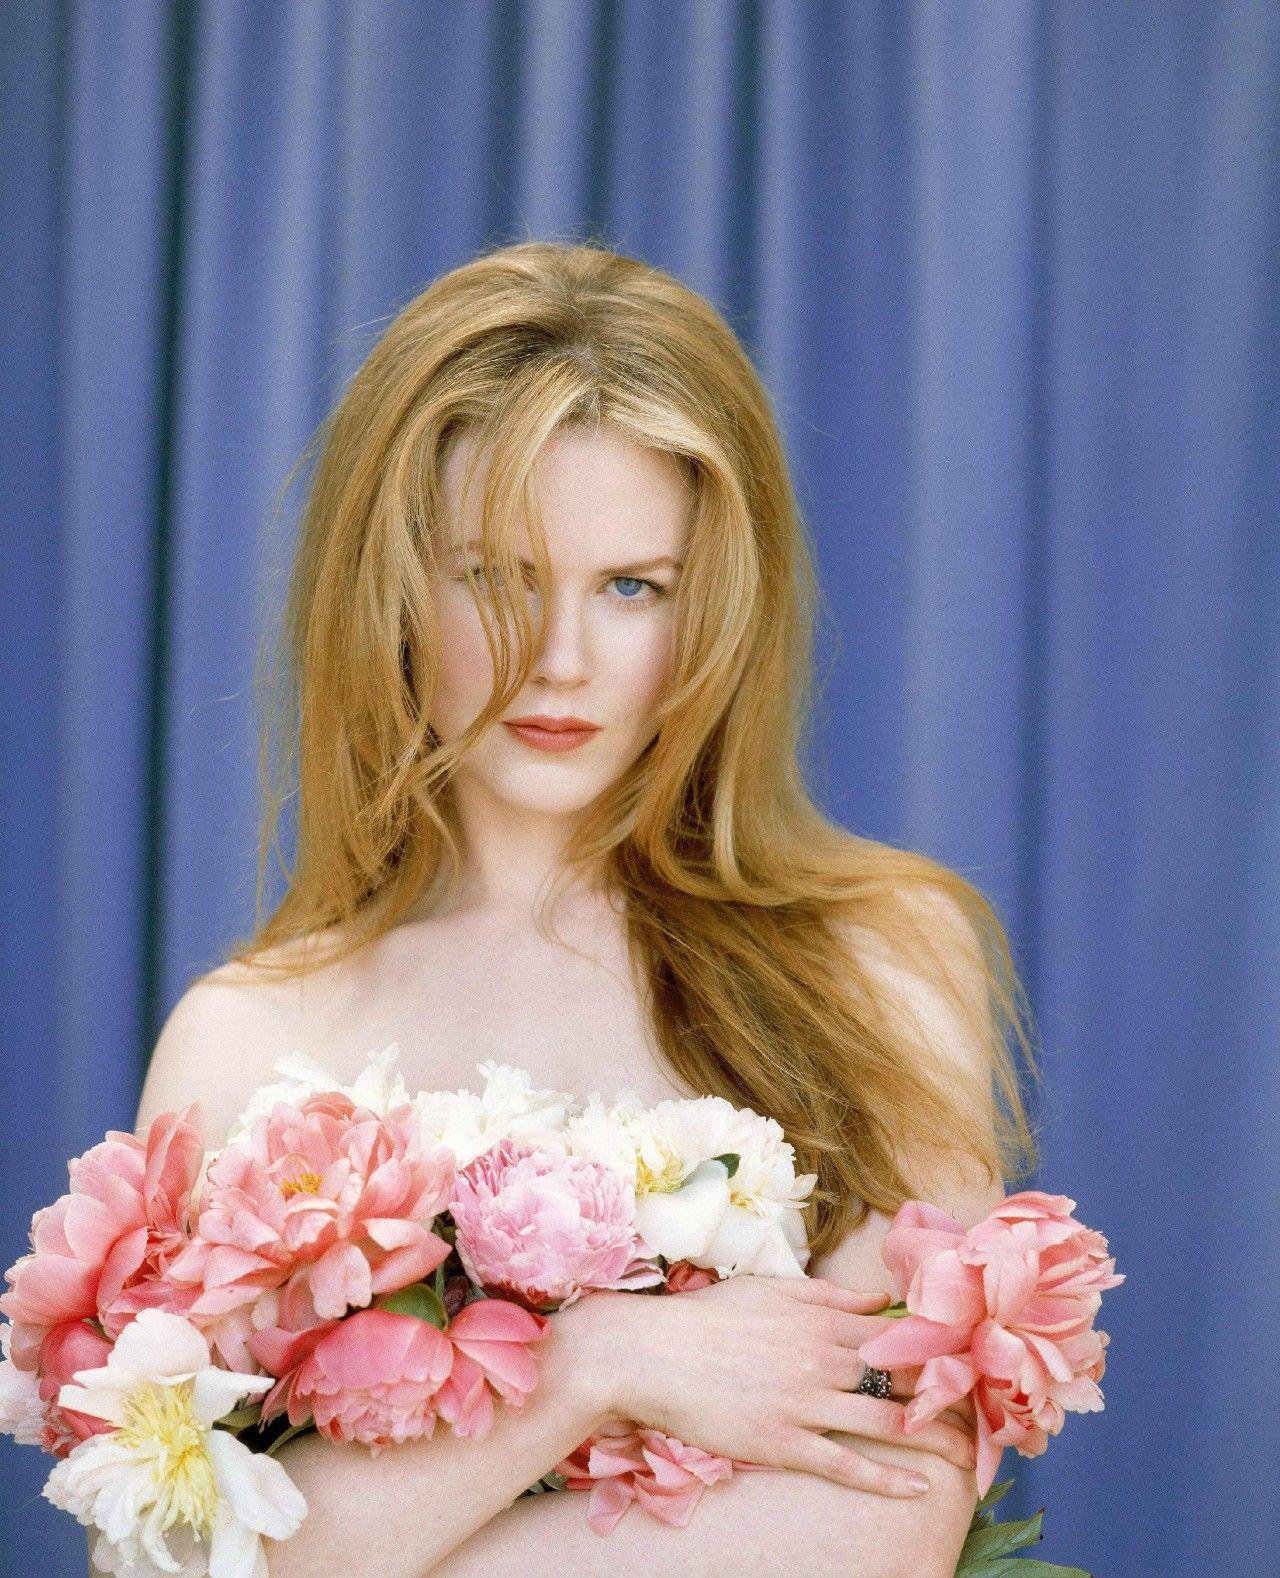 她一脸肉毒杆菌,可我还是爱她如初,她是妮可·基德曼,美在皮相更美在风骨的美人!